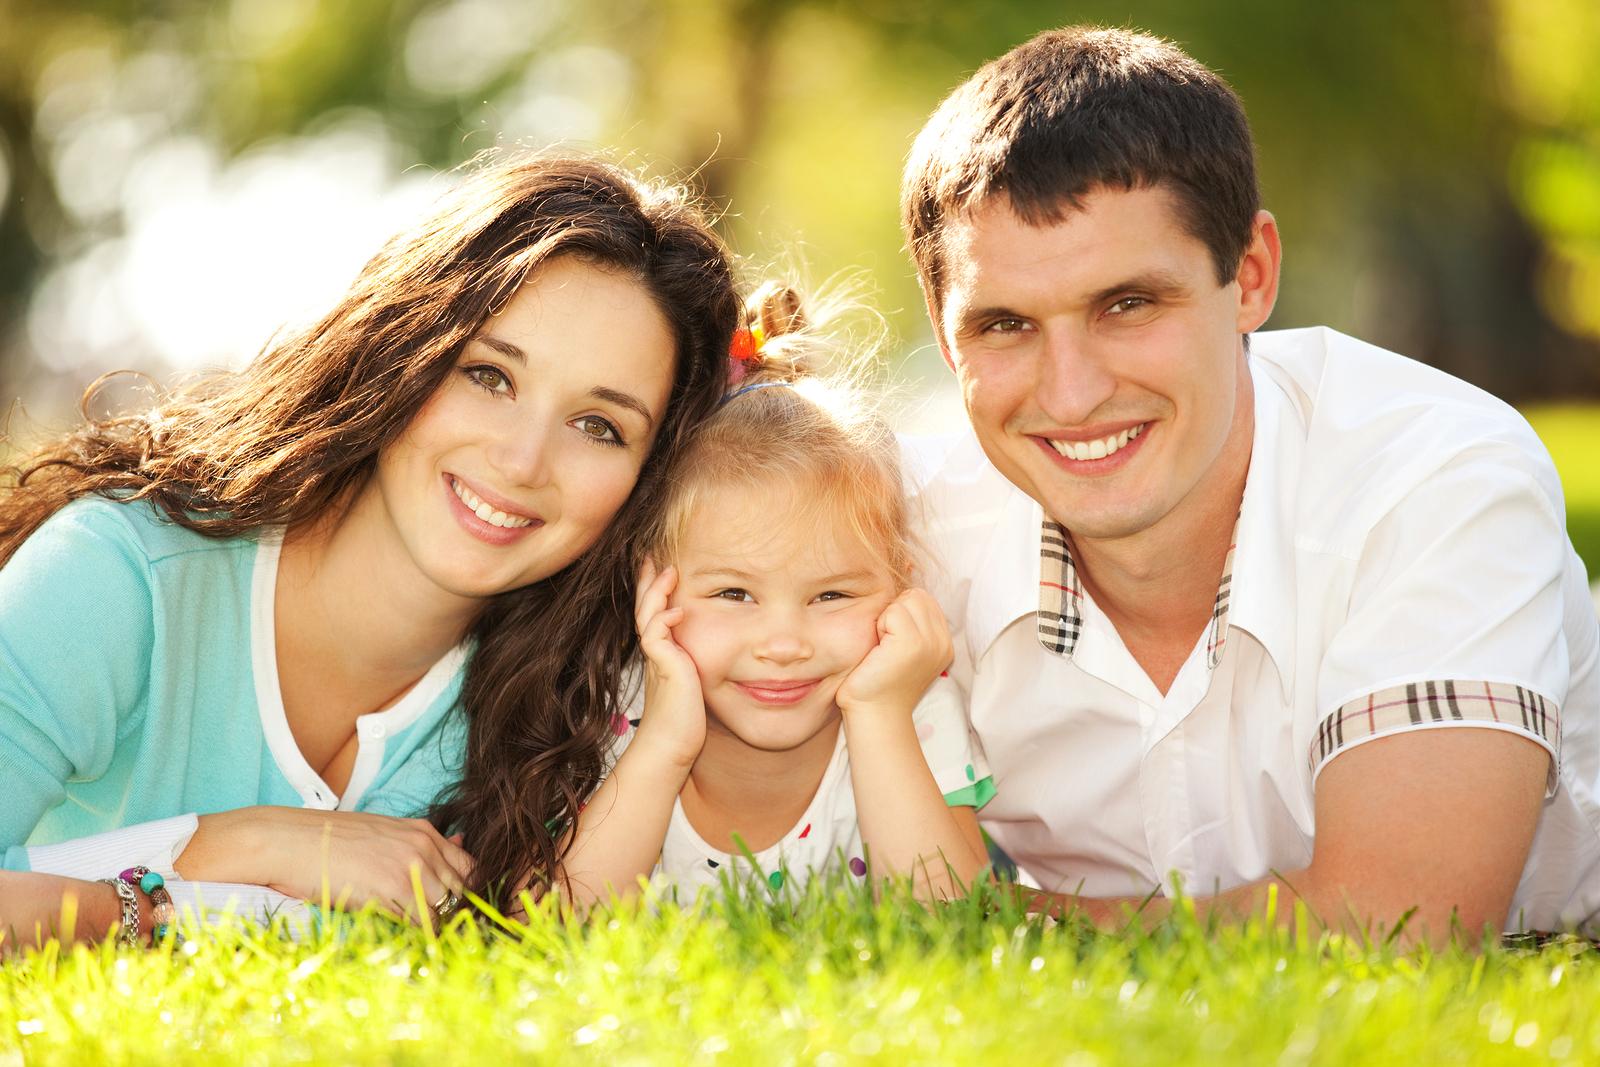 Семьи будут считаться молодыми до 40 лет